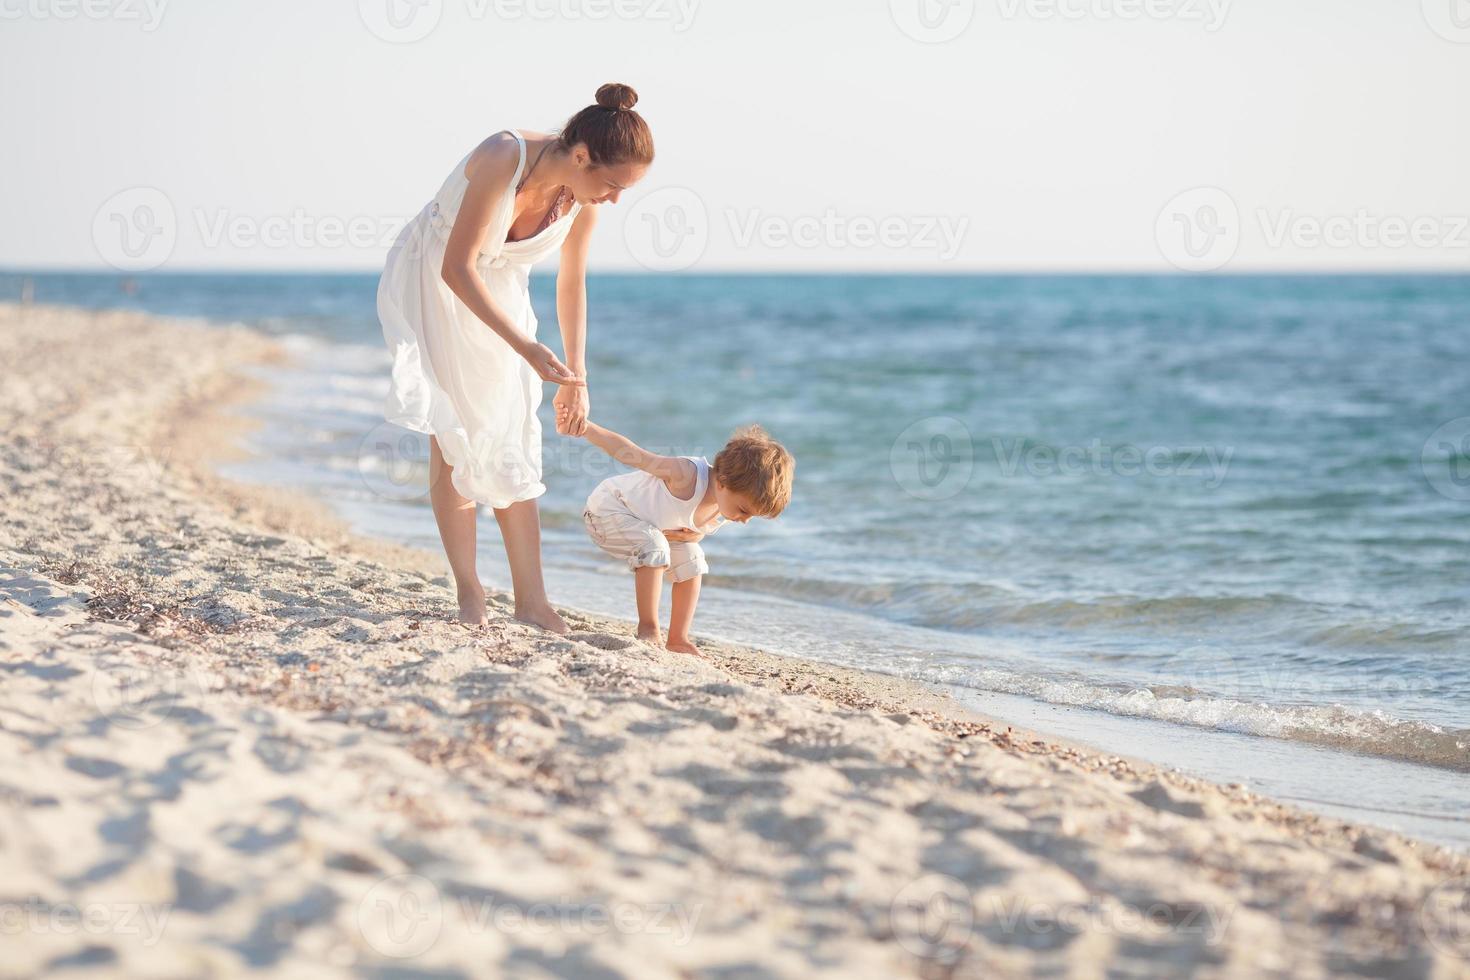 mère et fils sur la plage photo